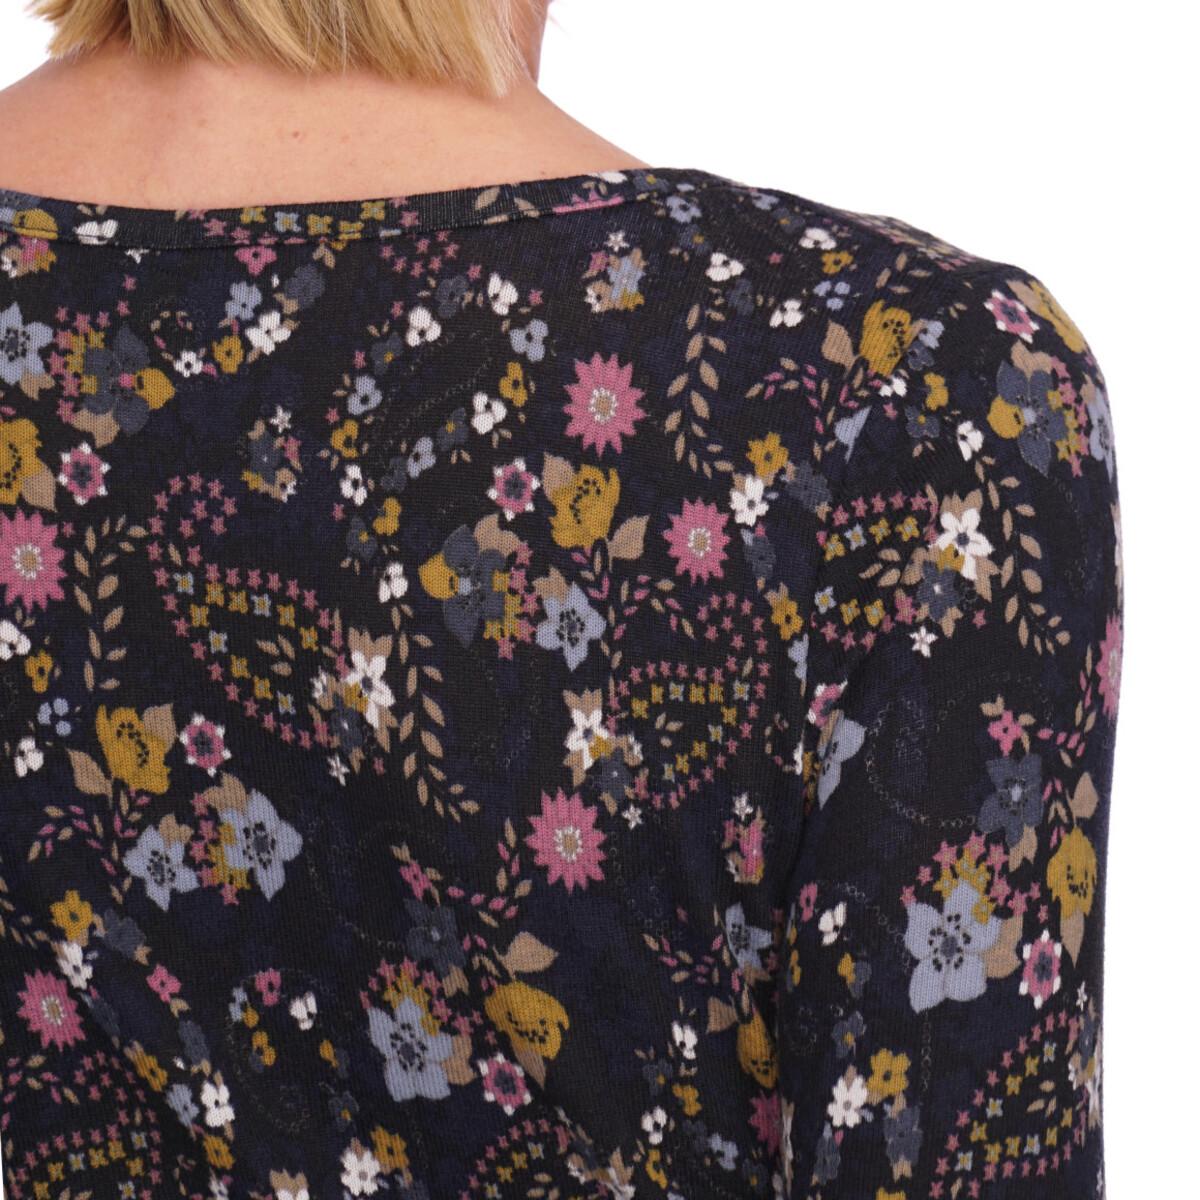 Bild 5 von Damen Kleid im floralen Dessin